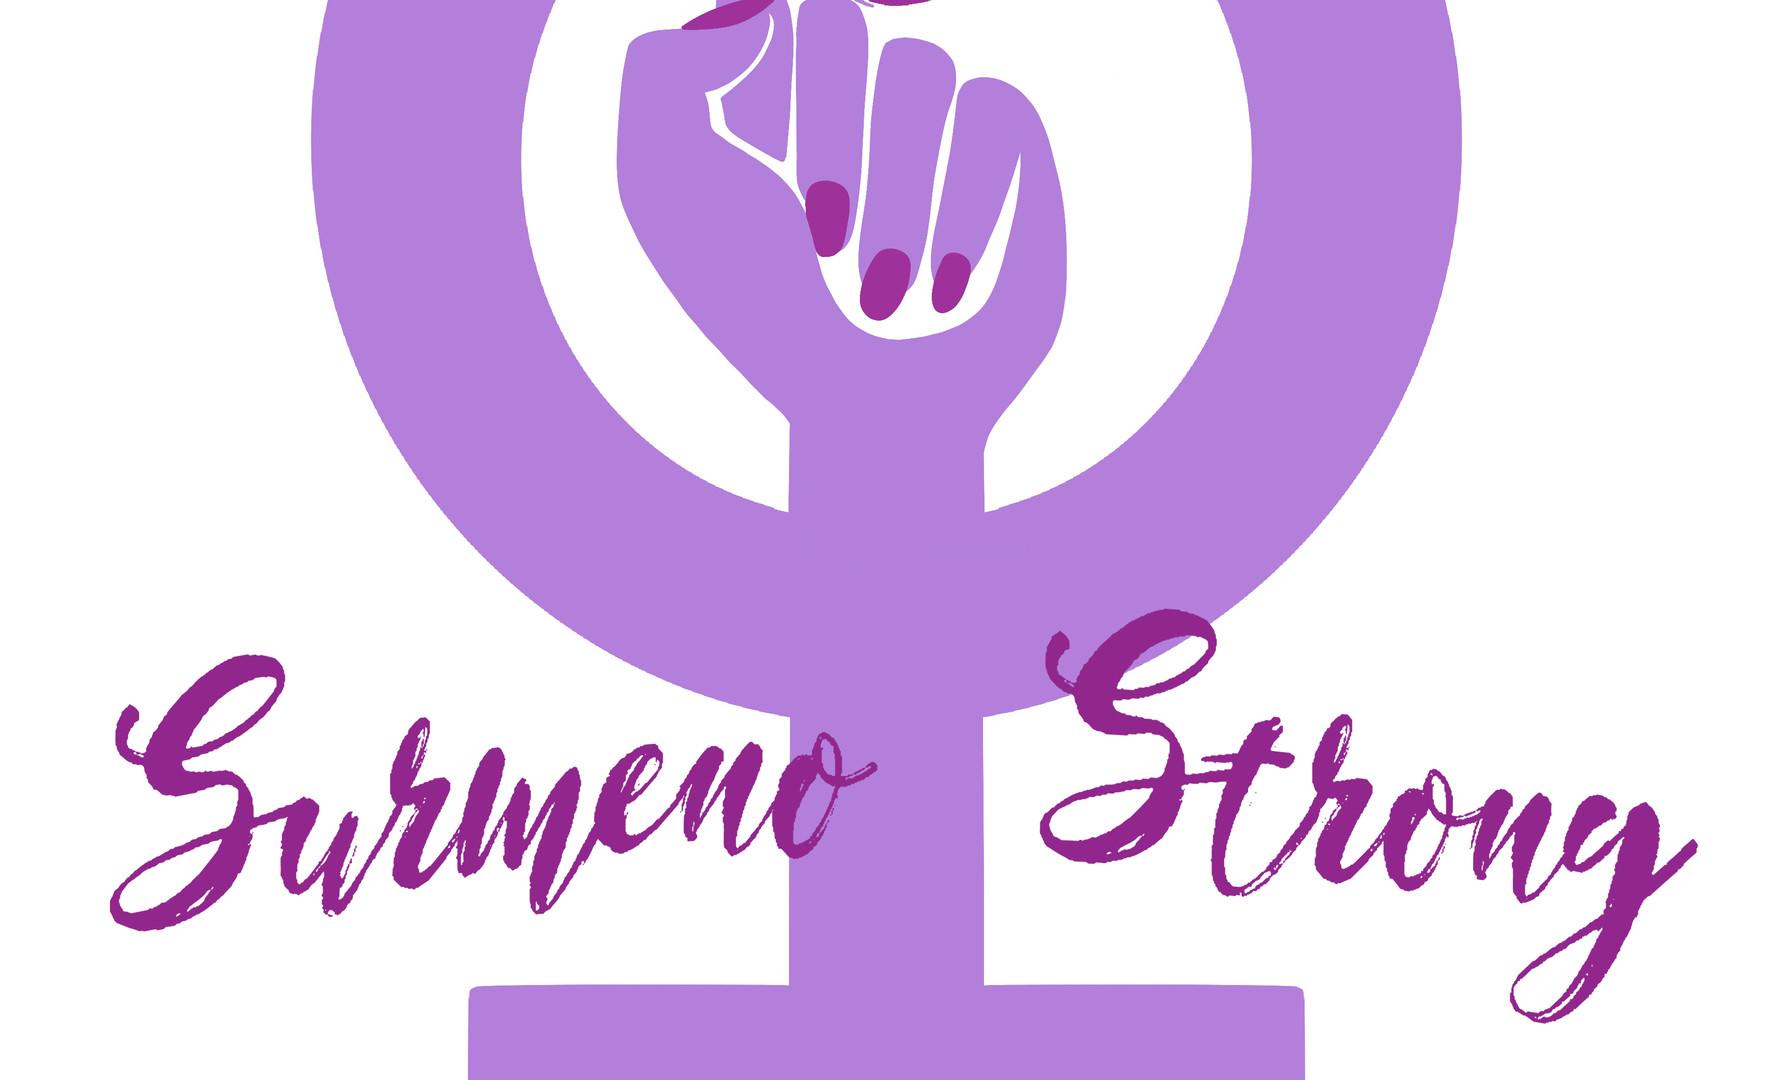 Surmeno Strong Logo Design